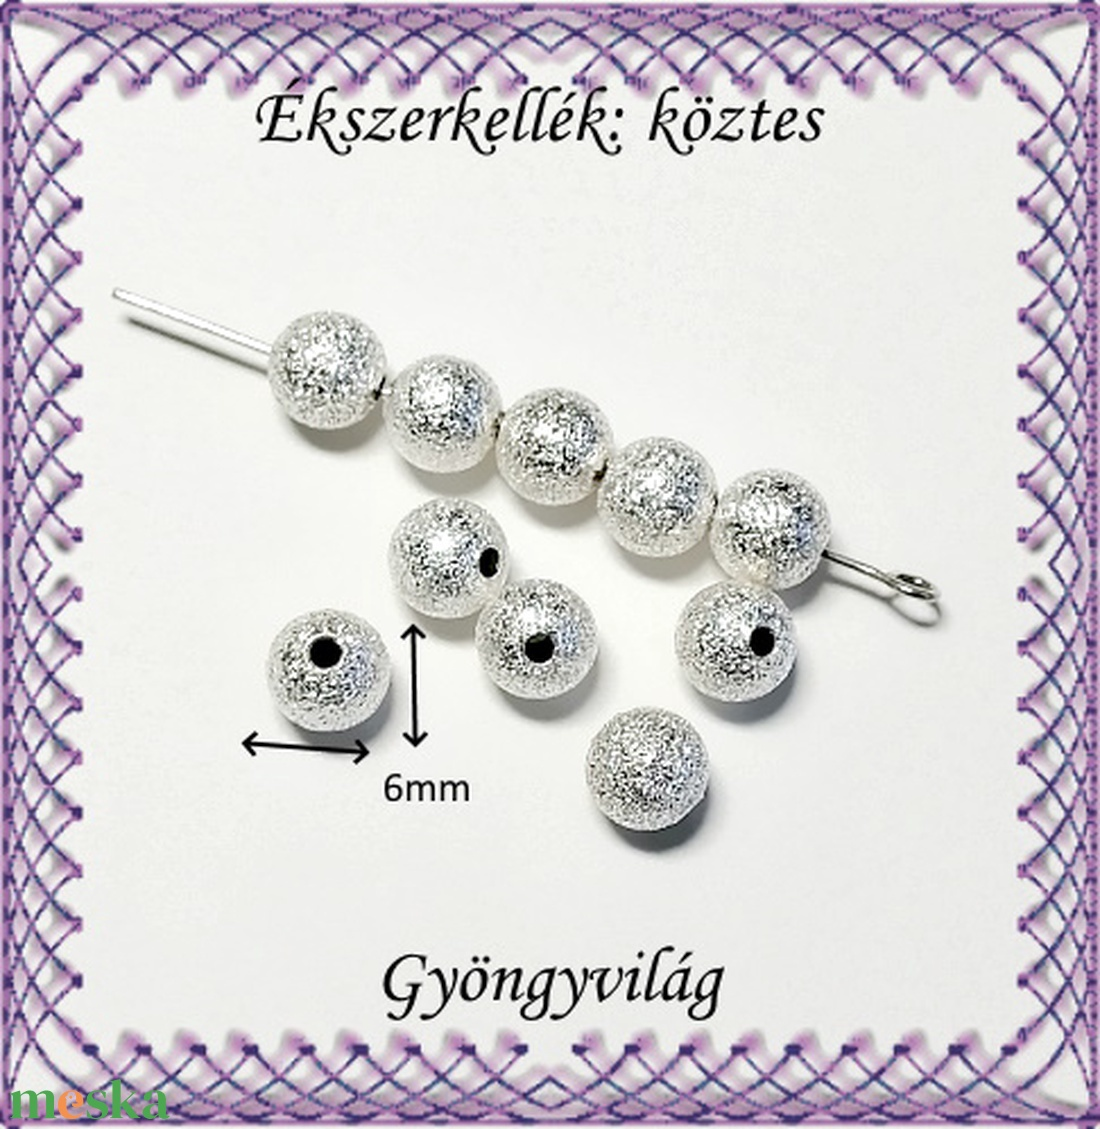 Ékszerkellék: köztes / díszítőelem / gyöngy BKÖ 1S 26-6e 20db/csomag - gyöngy, ékszerkellék - fém köztesek - Meska.hu